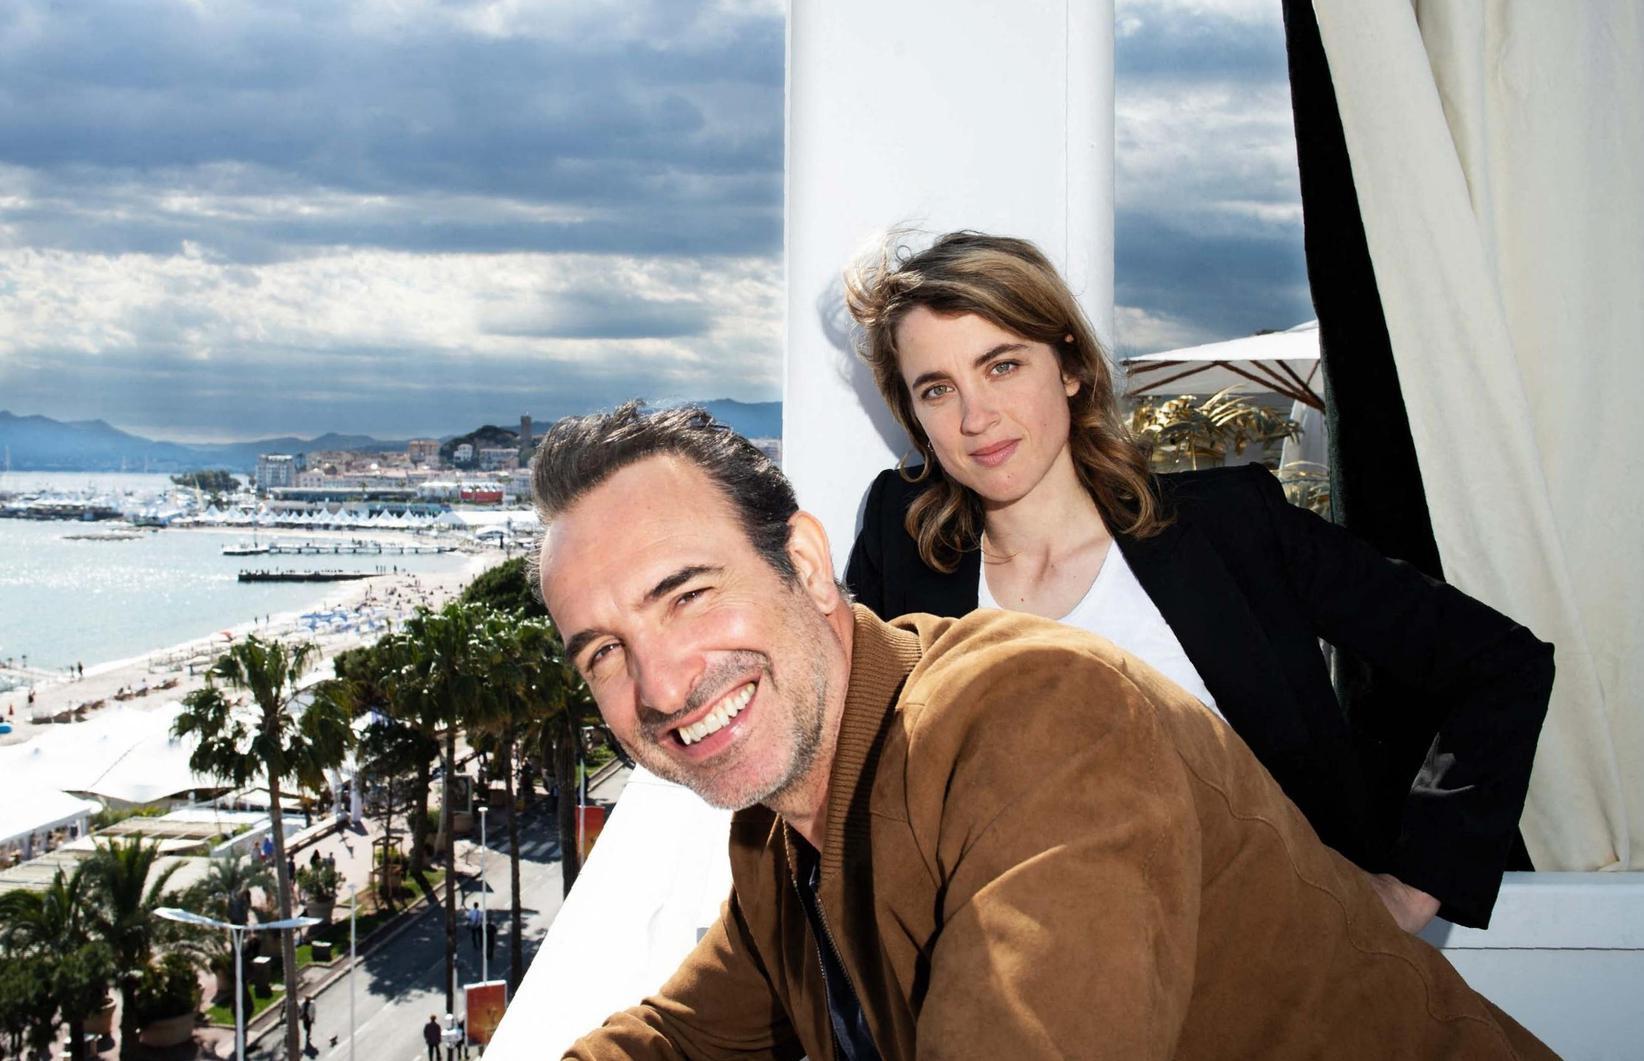 Photos Gilles Bensimon